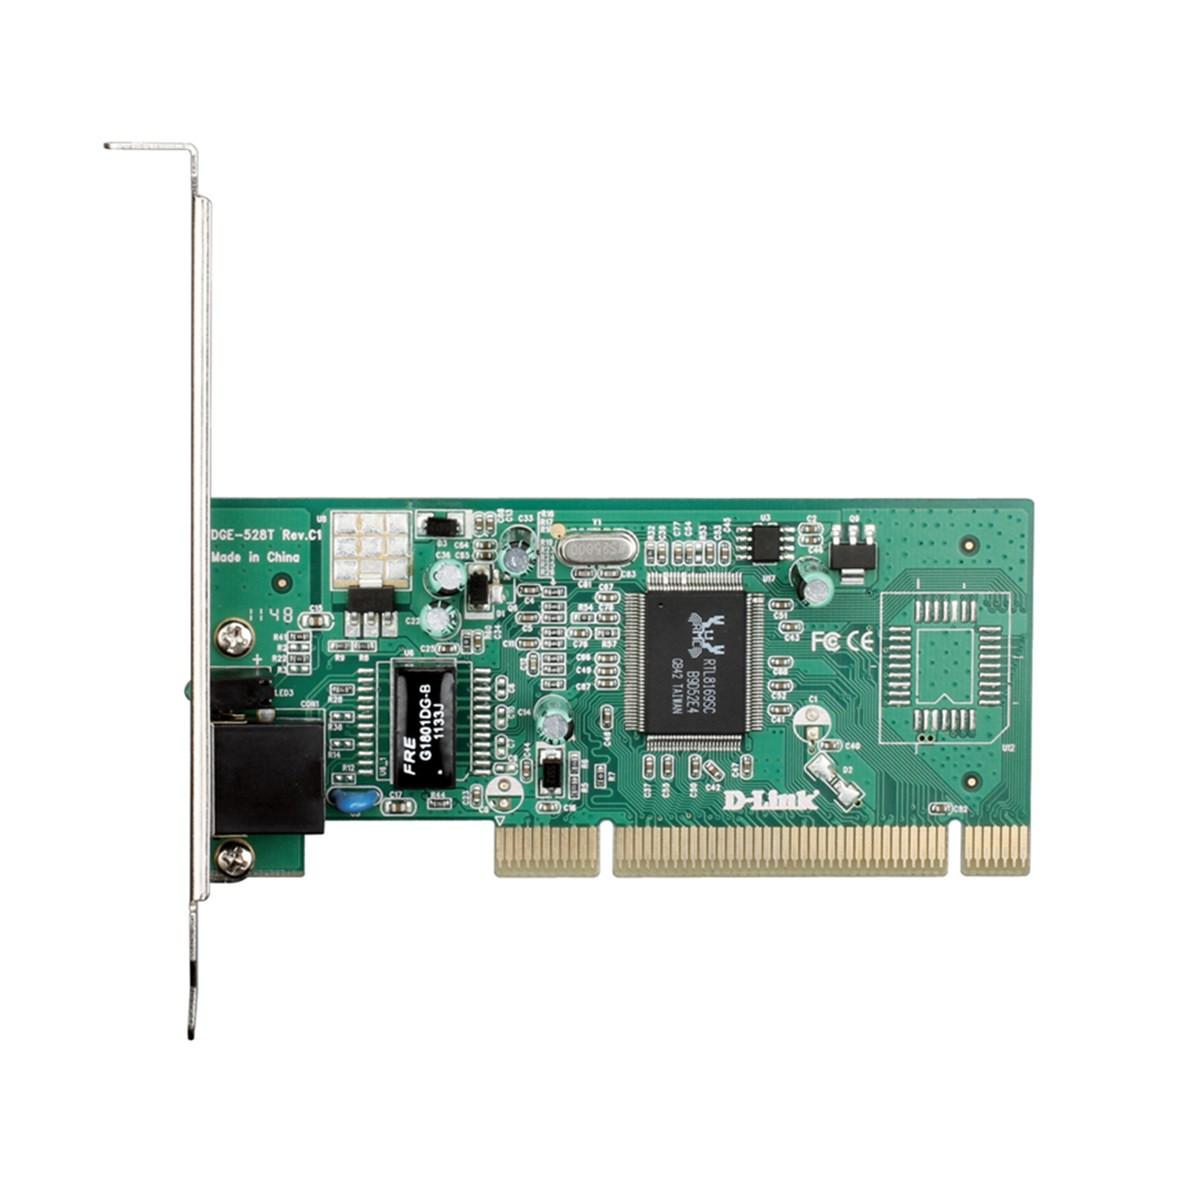 Placa de Rede DGE-528T PCI Gigabit Ethernet D-Link